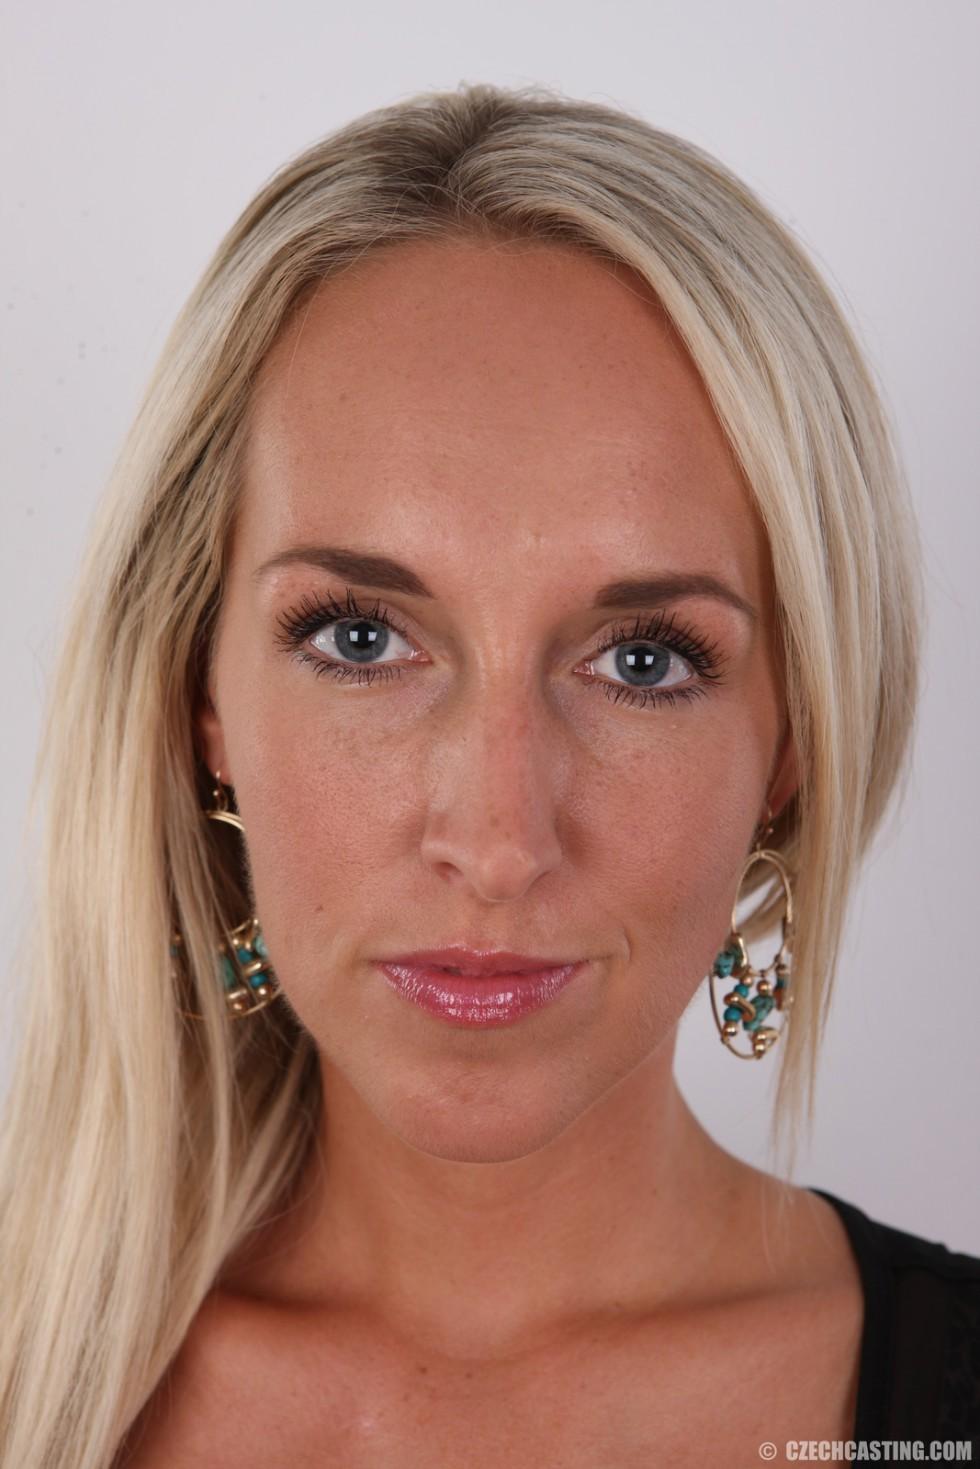 В чешском кастинге восхитительная модель со свелыми волосами не стесняется себя выставлять напоказ – ее изящное тело достойно похвалы